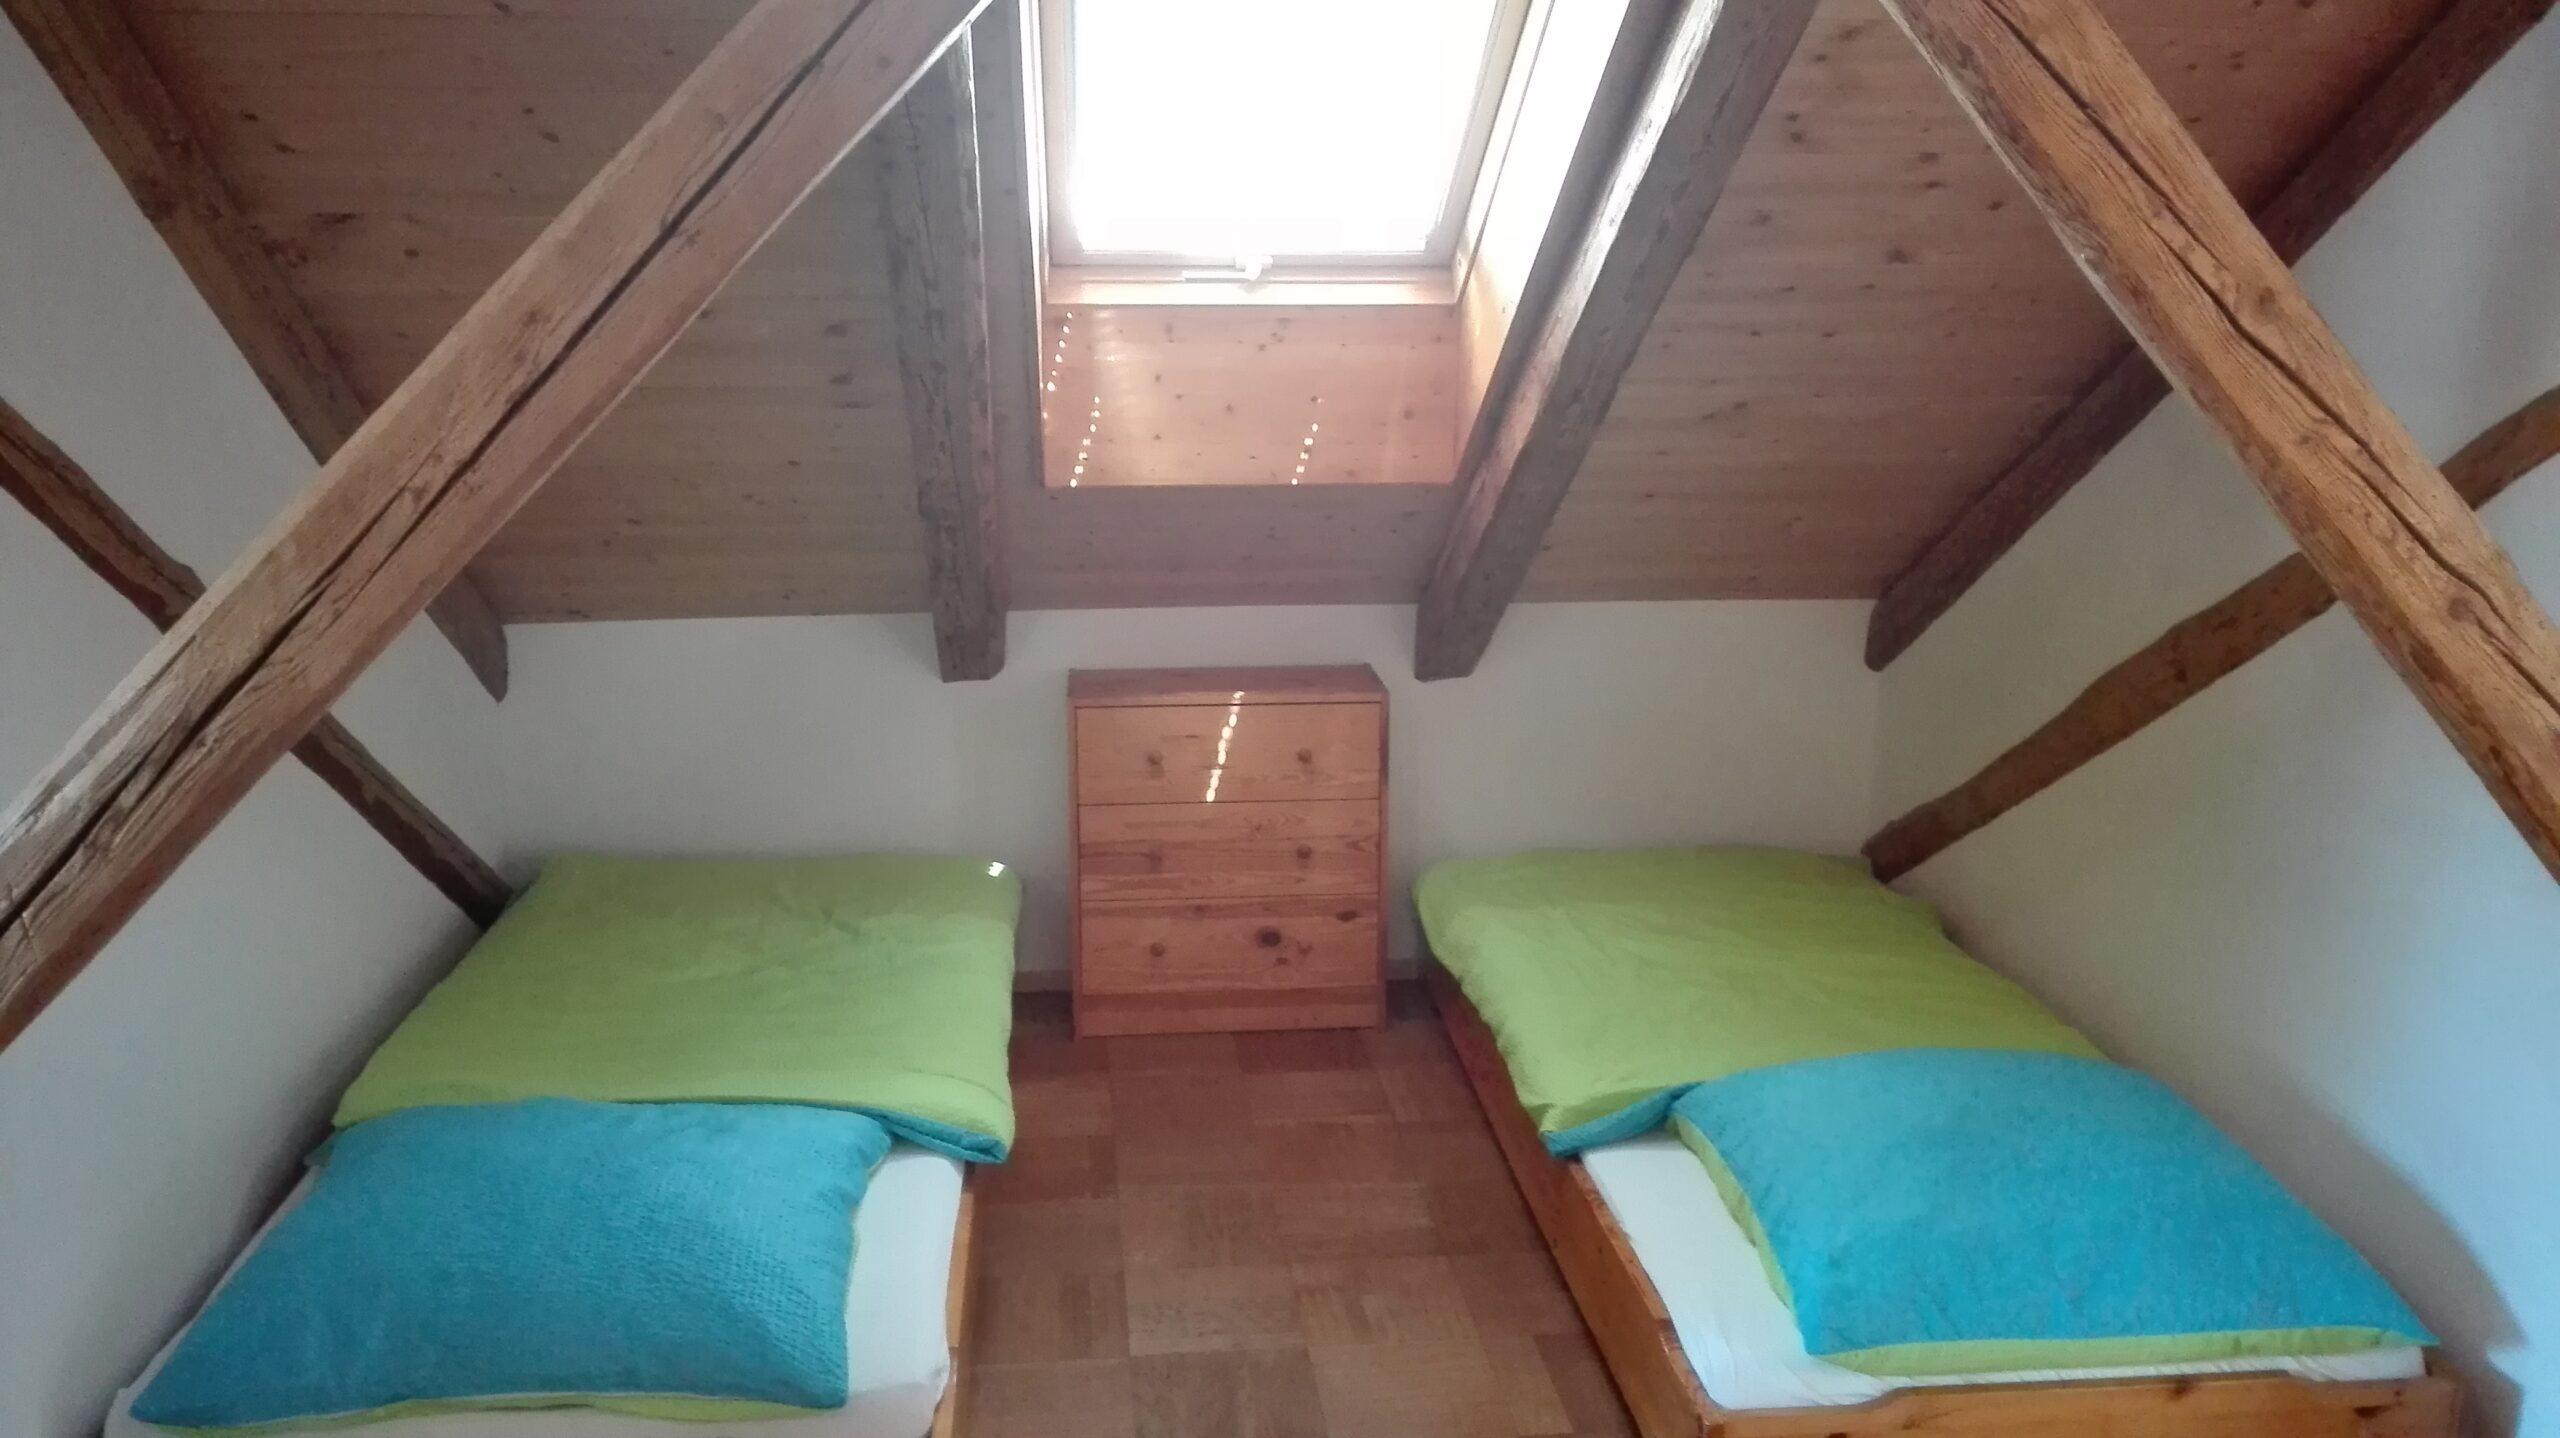 Full Size of Bett Mit Aufbewahrung Wasser Flach Einzelbett Schramm Betten 160x200 Ikea Matratze Und Lattenrost 140x200 Stauraum 1 40x2 00 Breite Billerbeck Tagesdecke Wohnzimmer Bett 1 20 Breit